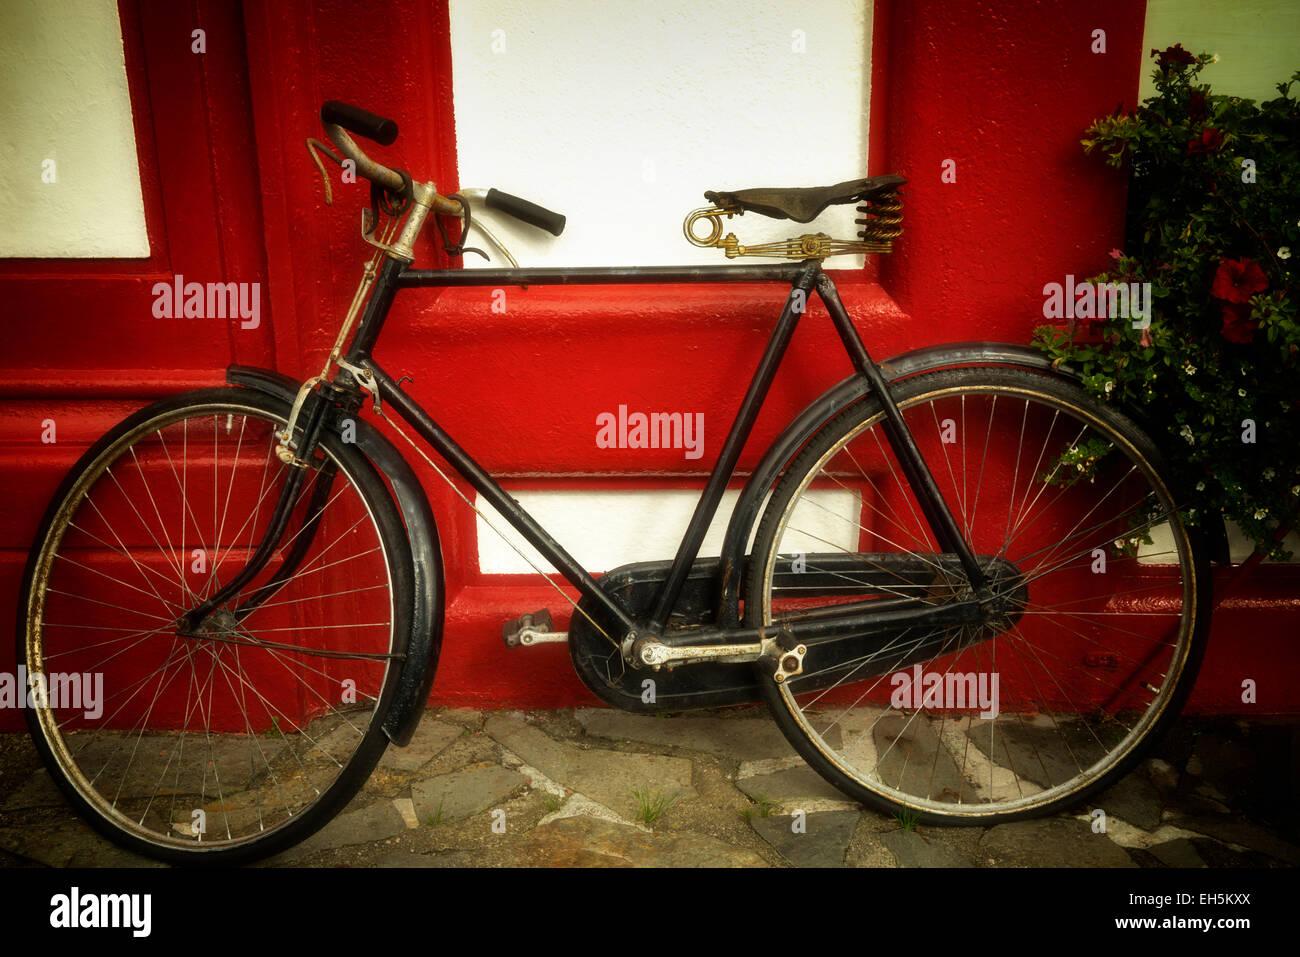 Vecchia bicicletta al negozio di fronte. Knightstown,Valentia isola,Repubblica di Irlanda Foto Stock